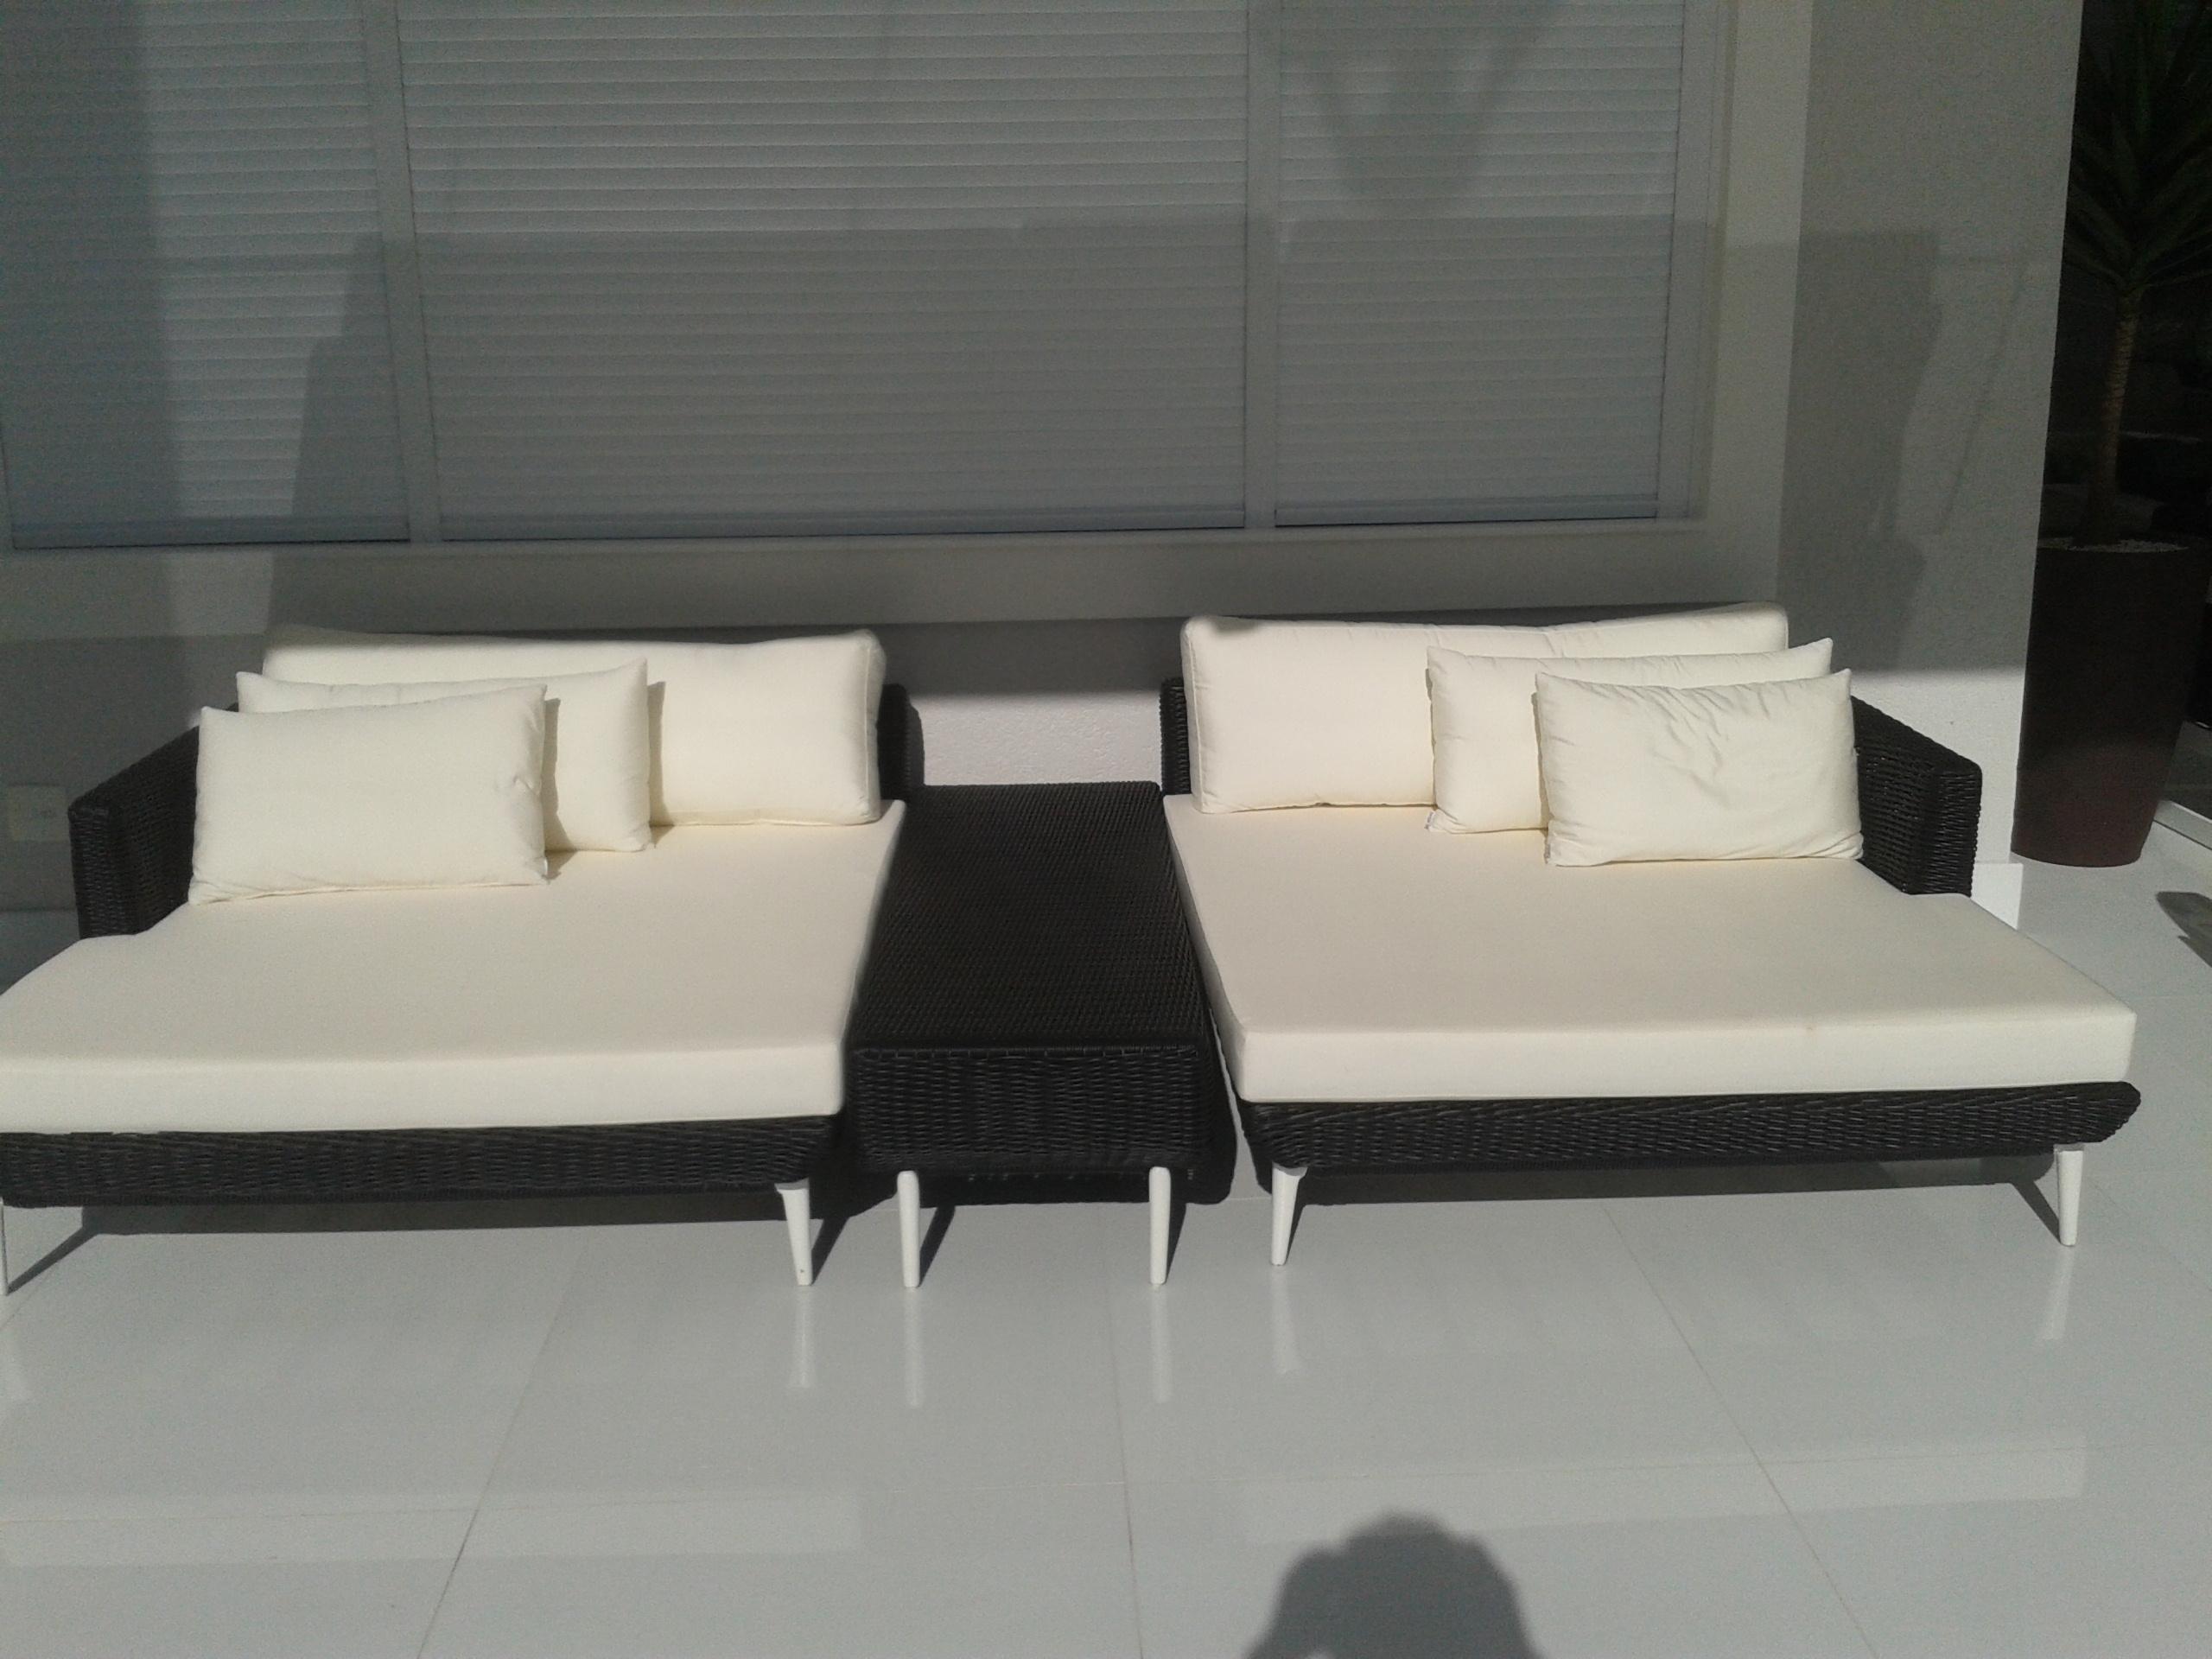 Móveis de fibra sintética My Craft House – KzaBlog Casa e  #776E55 2560x1920